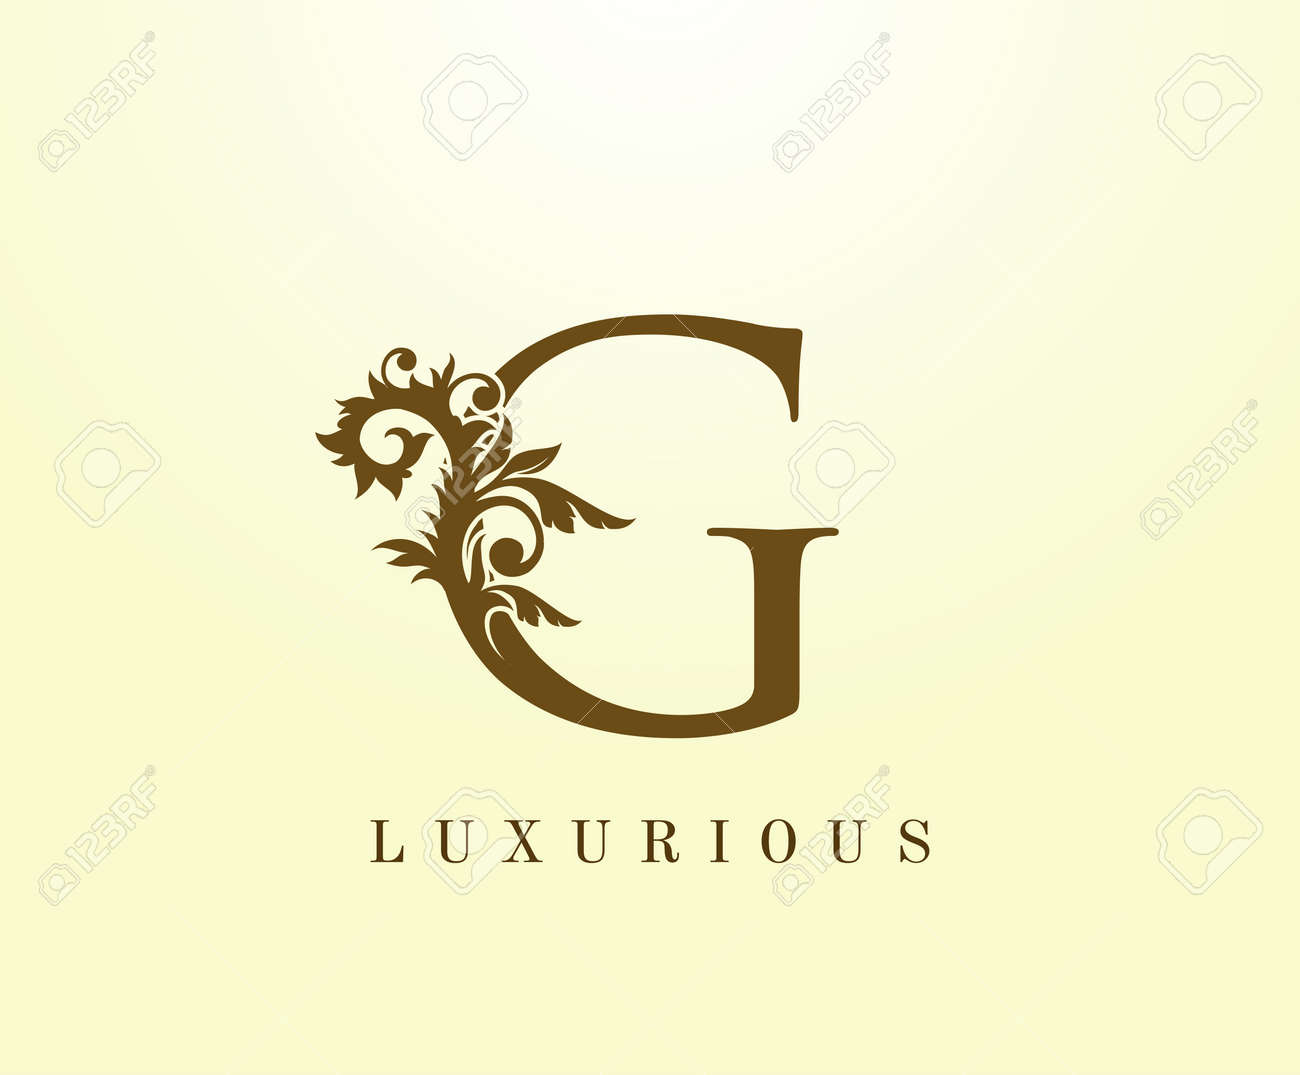 G Letter Classic logo. Vintage Brown letter stamp for book design, weeding card, label, business card, Restaurant, Boutique, Hotel. - 148604365